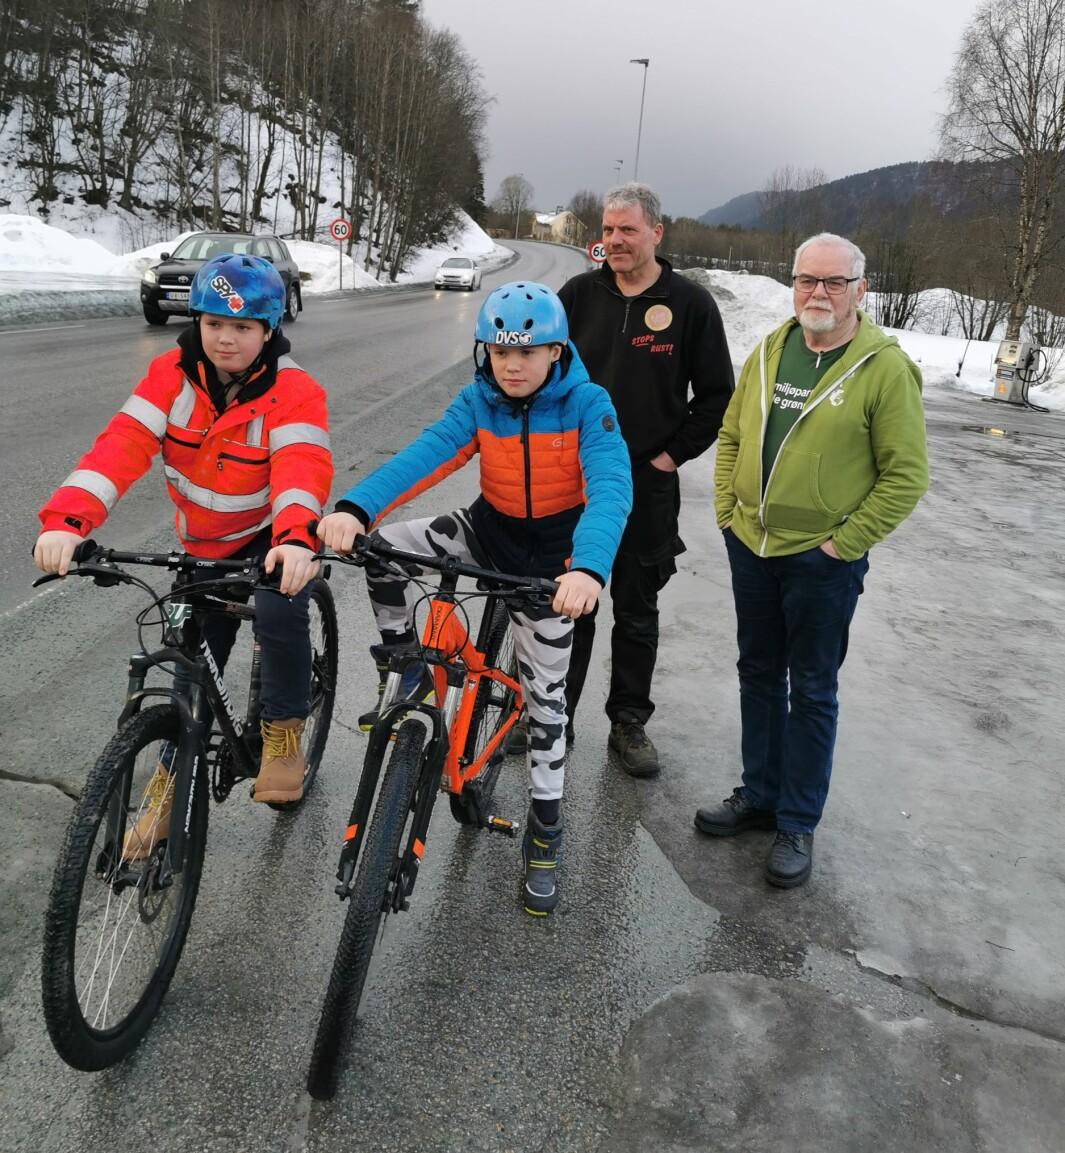 Fra venstre: Markus Aune, Håkon Aune, Roar Aune og Erik Moen